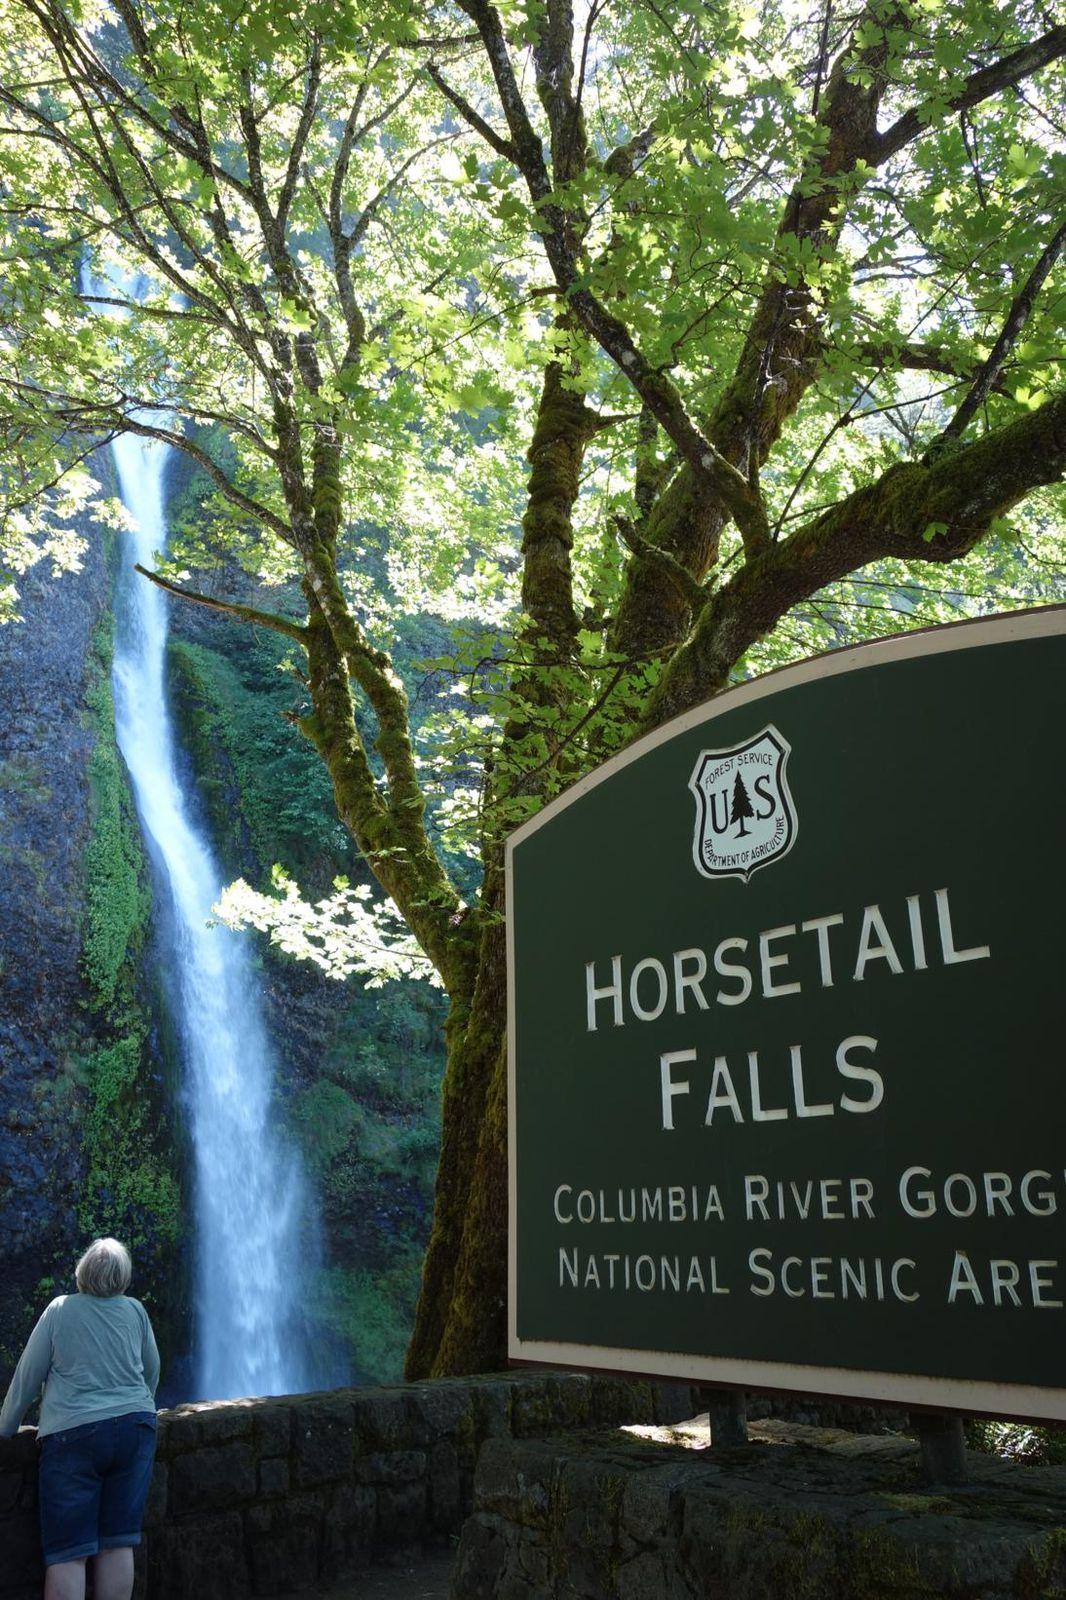 Gorges de la Colombia River, Oregon <3, pas trop trop moche